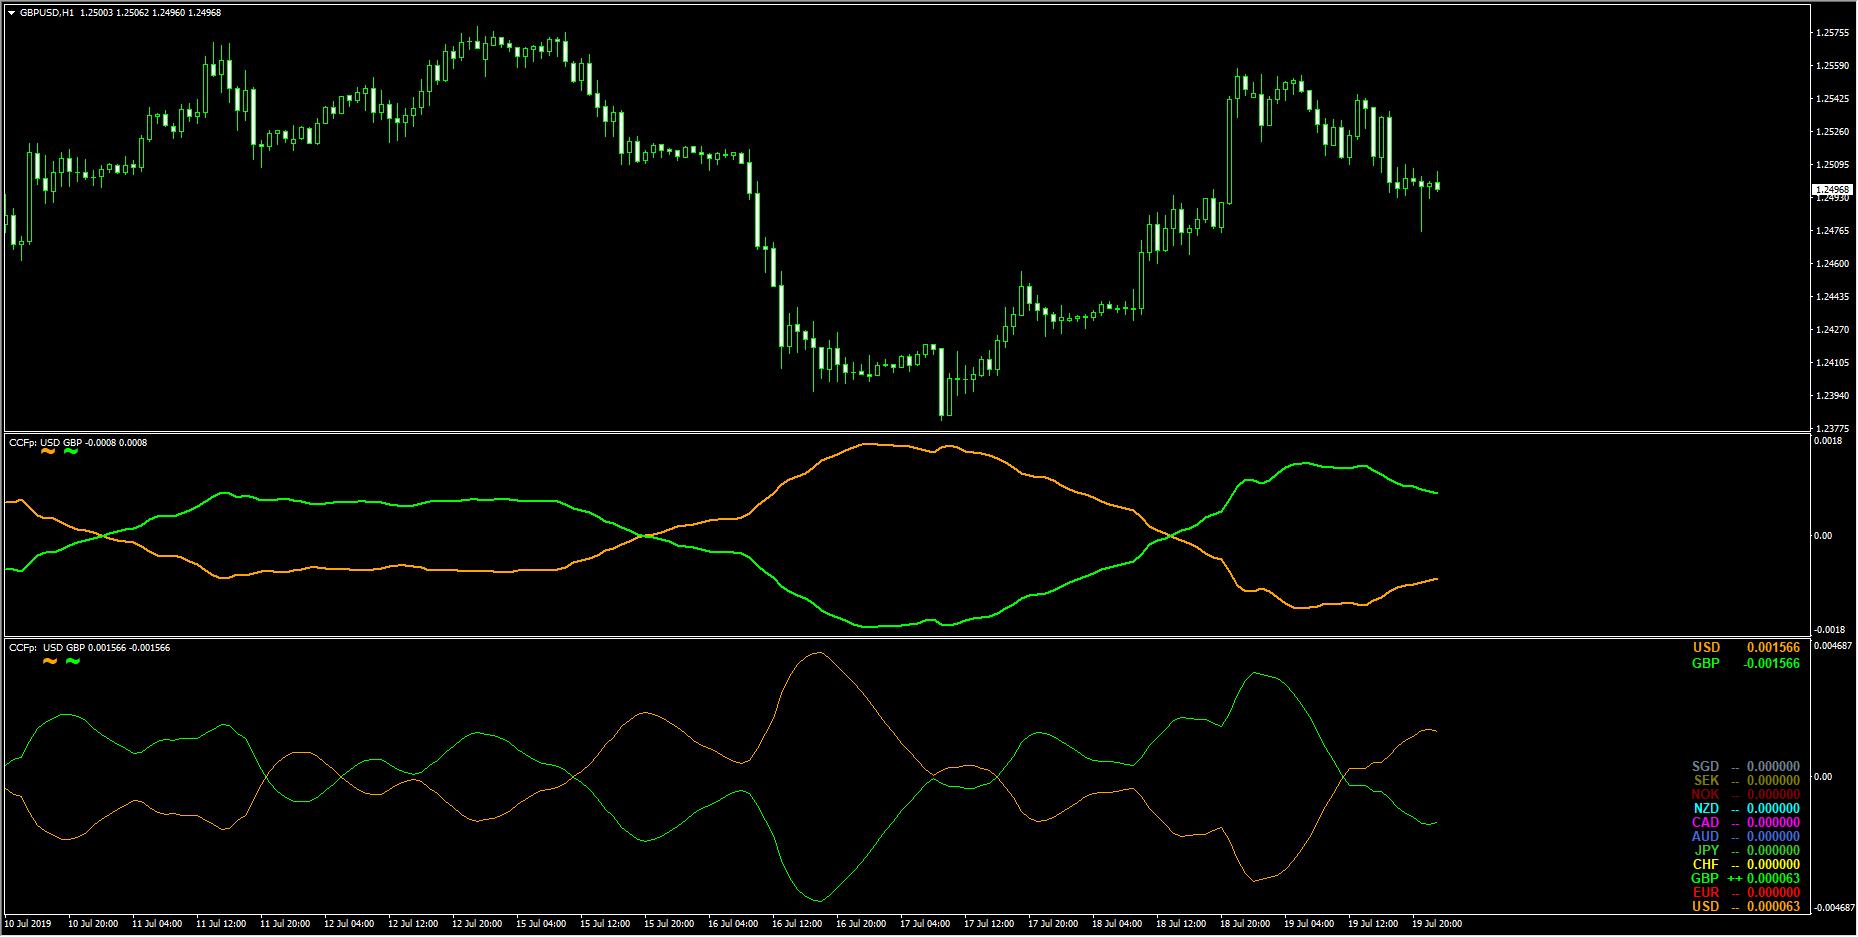 「CCFp 5.01」と「old CCFp & alerts」の比較 チャート上の通貨のみの強弱ライン